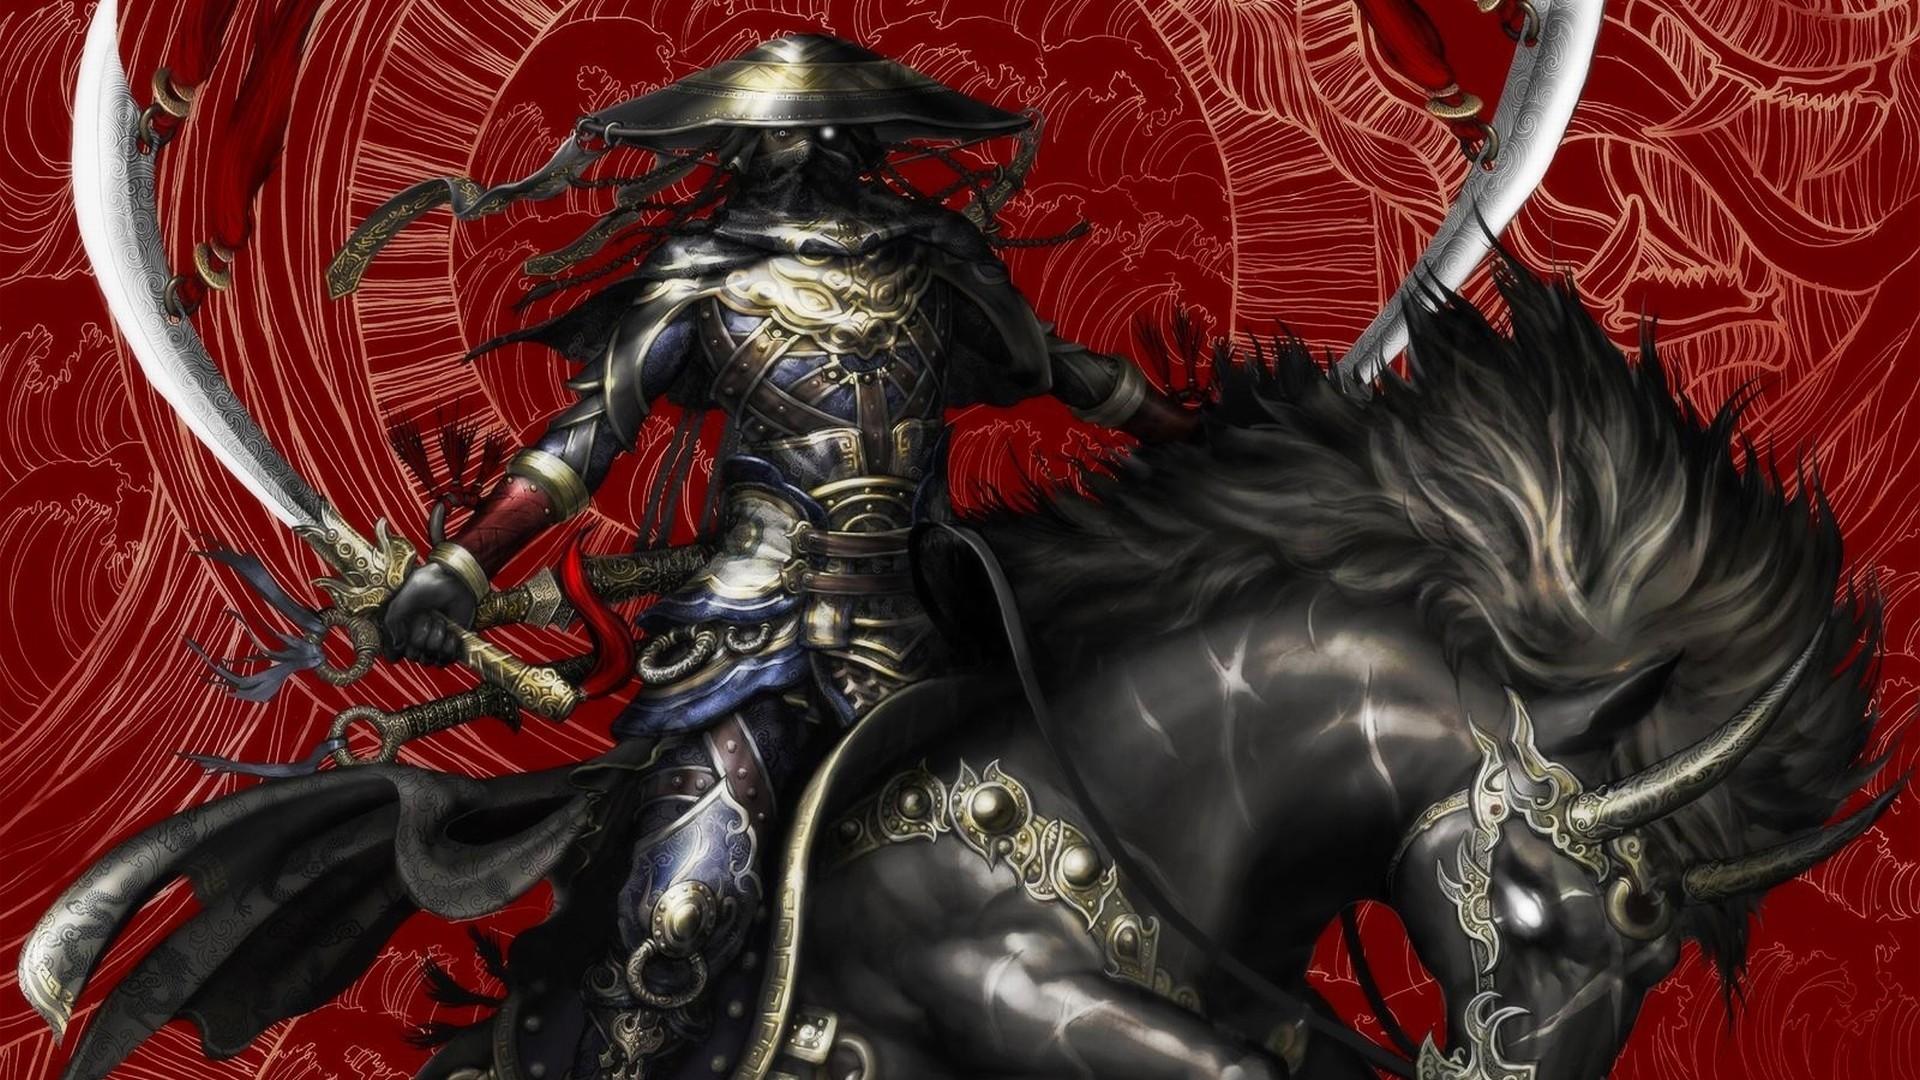 Samurai Download Wallpaper